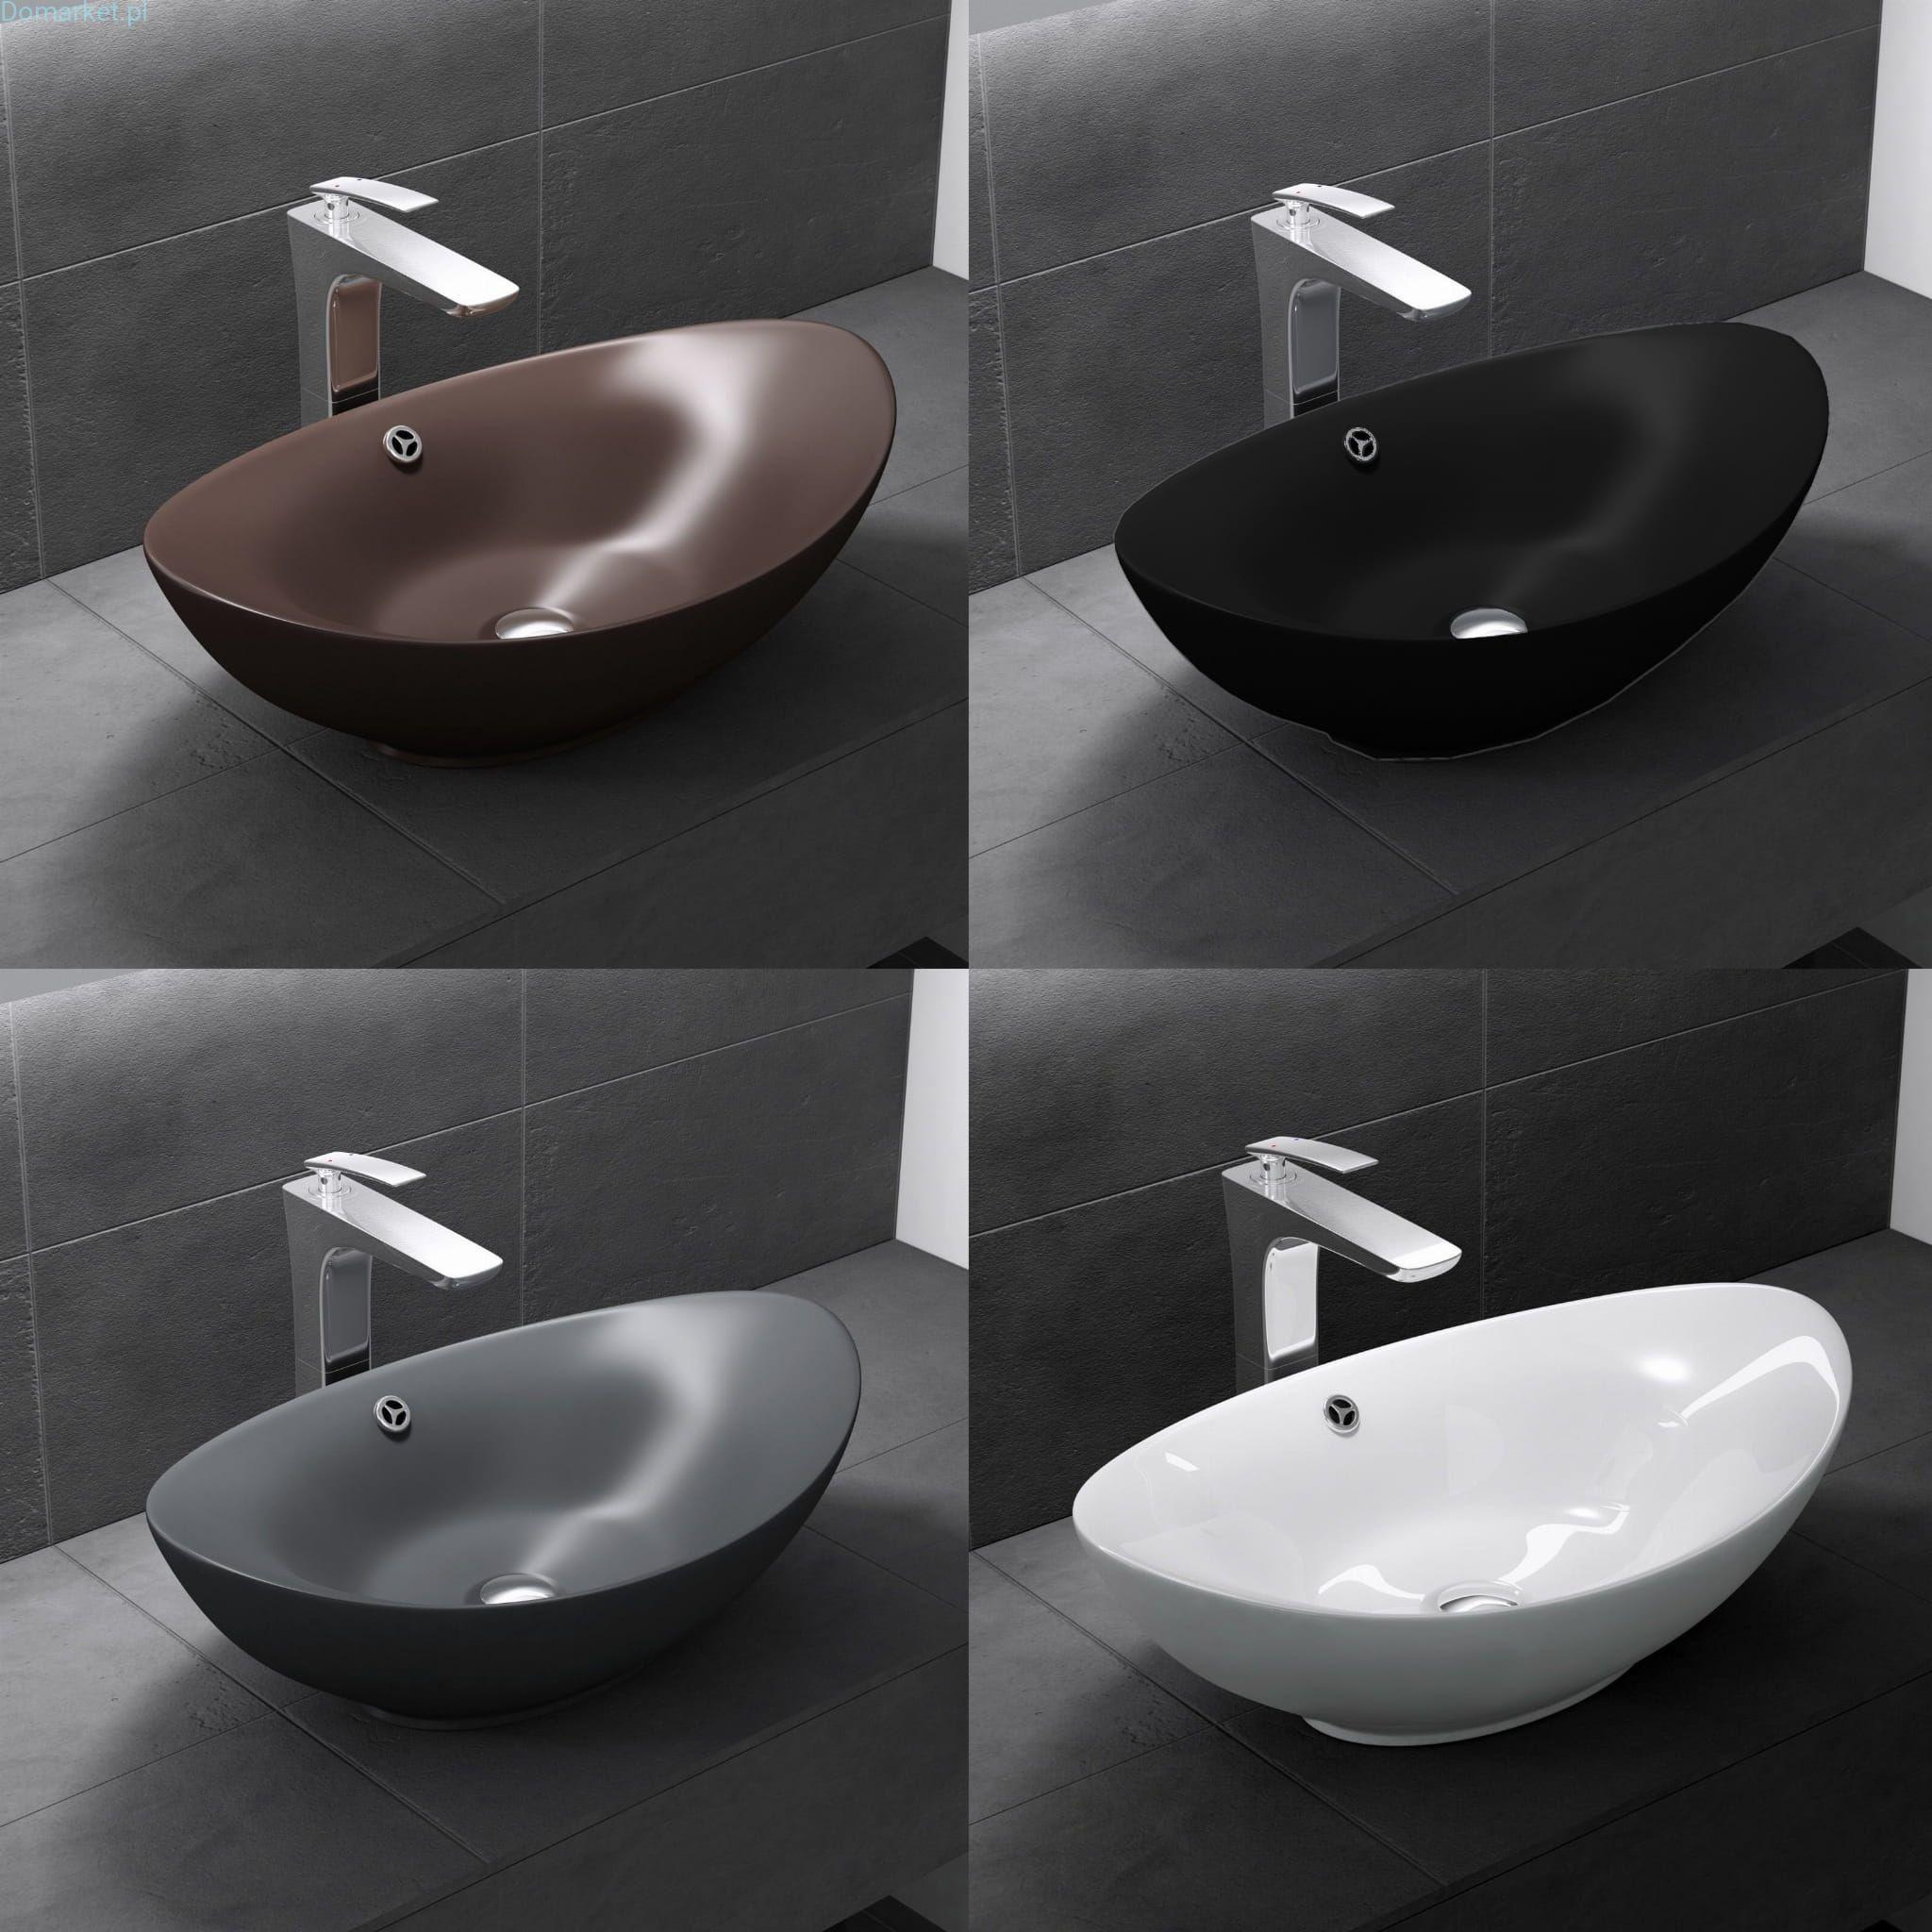 Umywalka C818 Nablatowa Ceramiczna POŁYSK / MAT 60cm